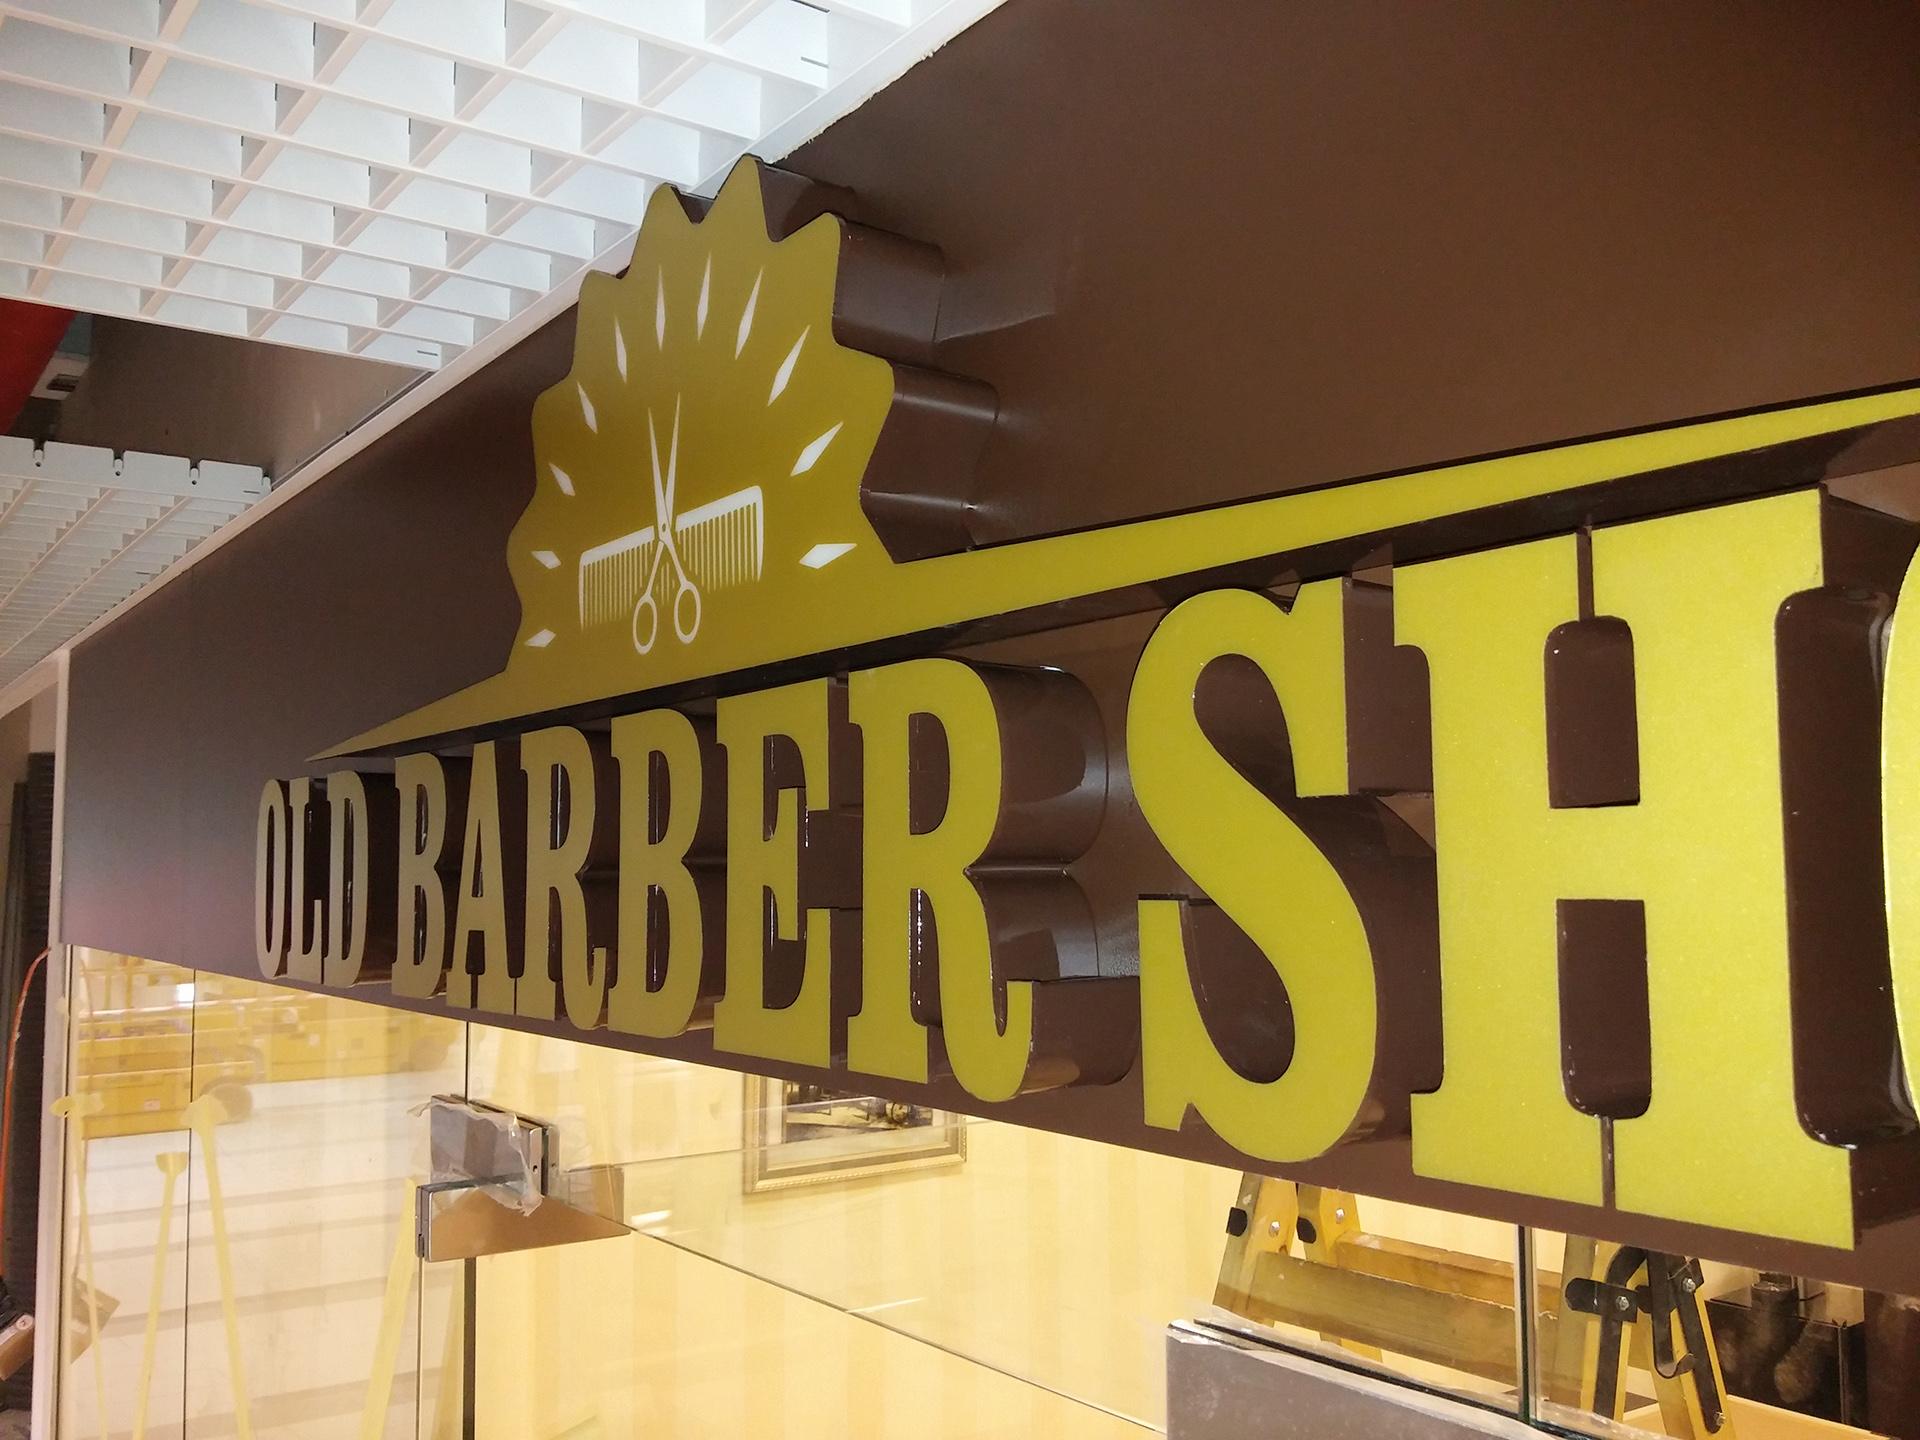 old barber shop litere LED